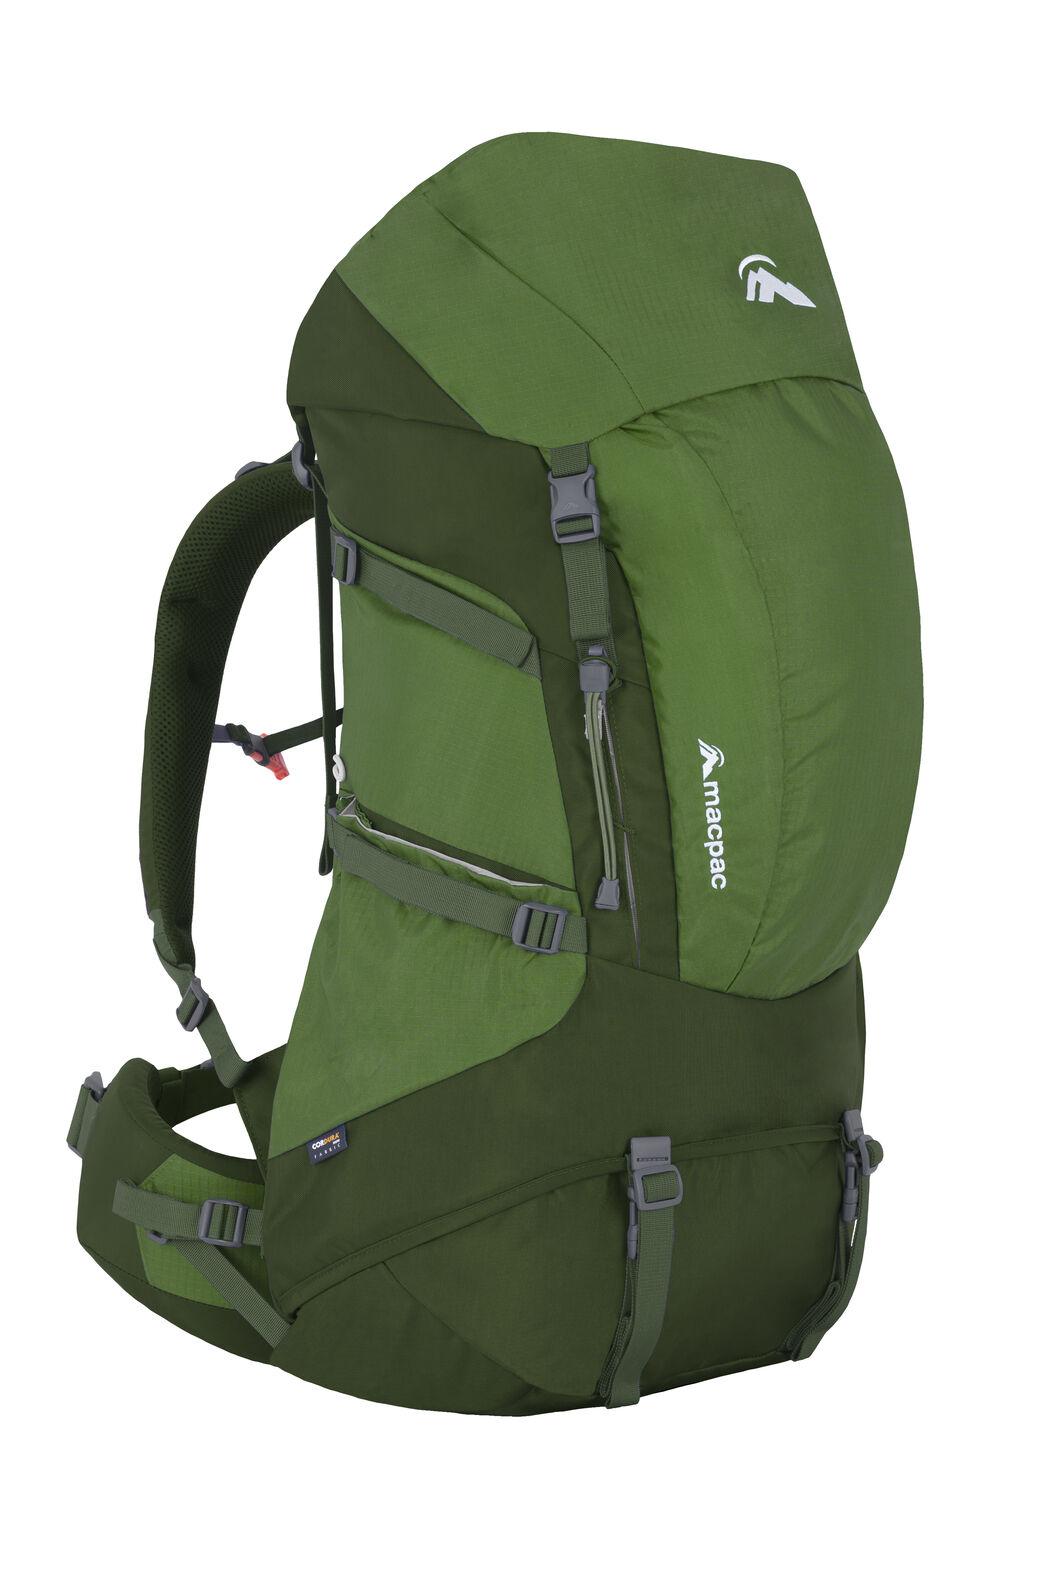 Macpac Torlesse 65L Hiking Pack, Cactus, hi-res